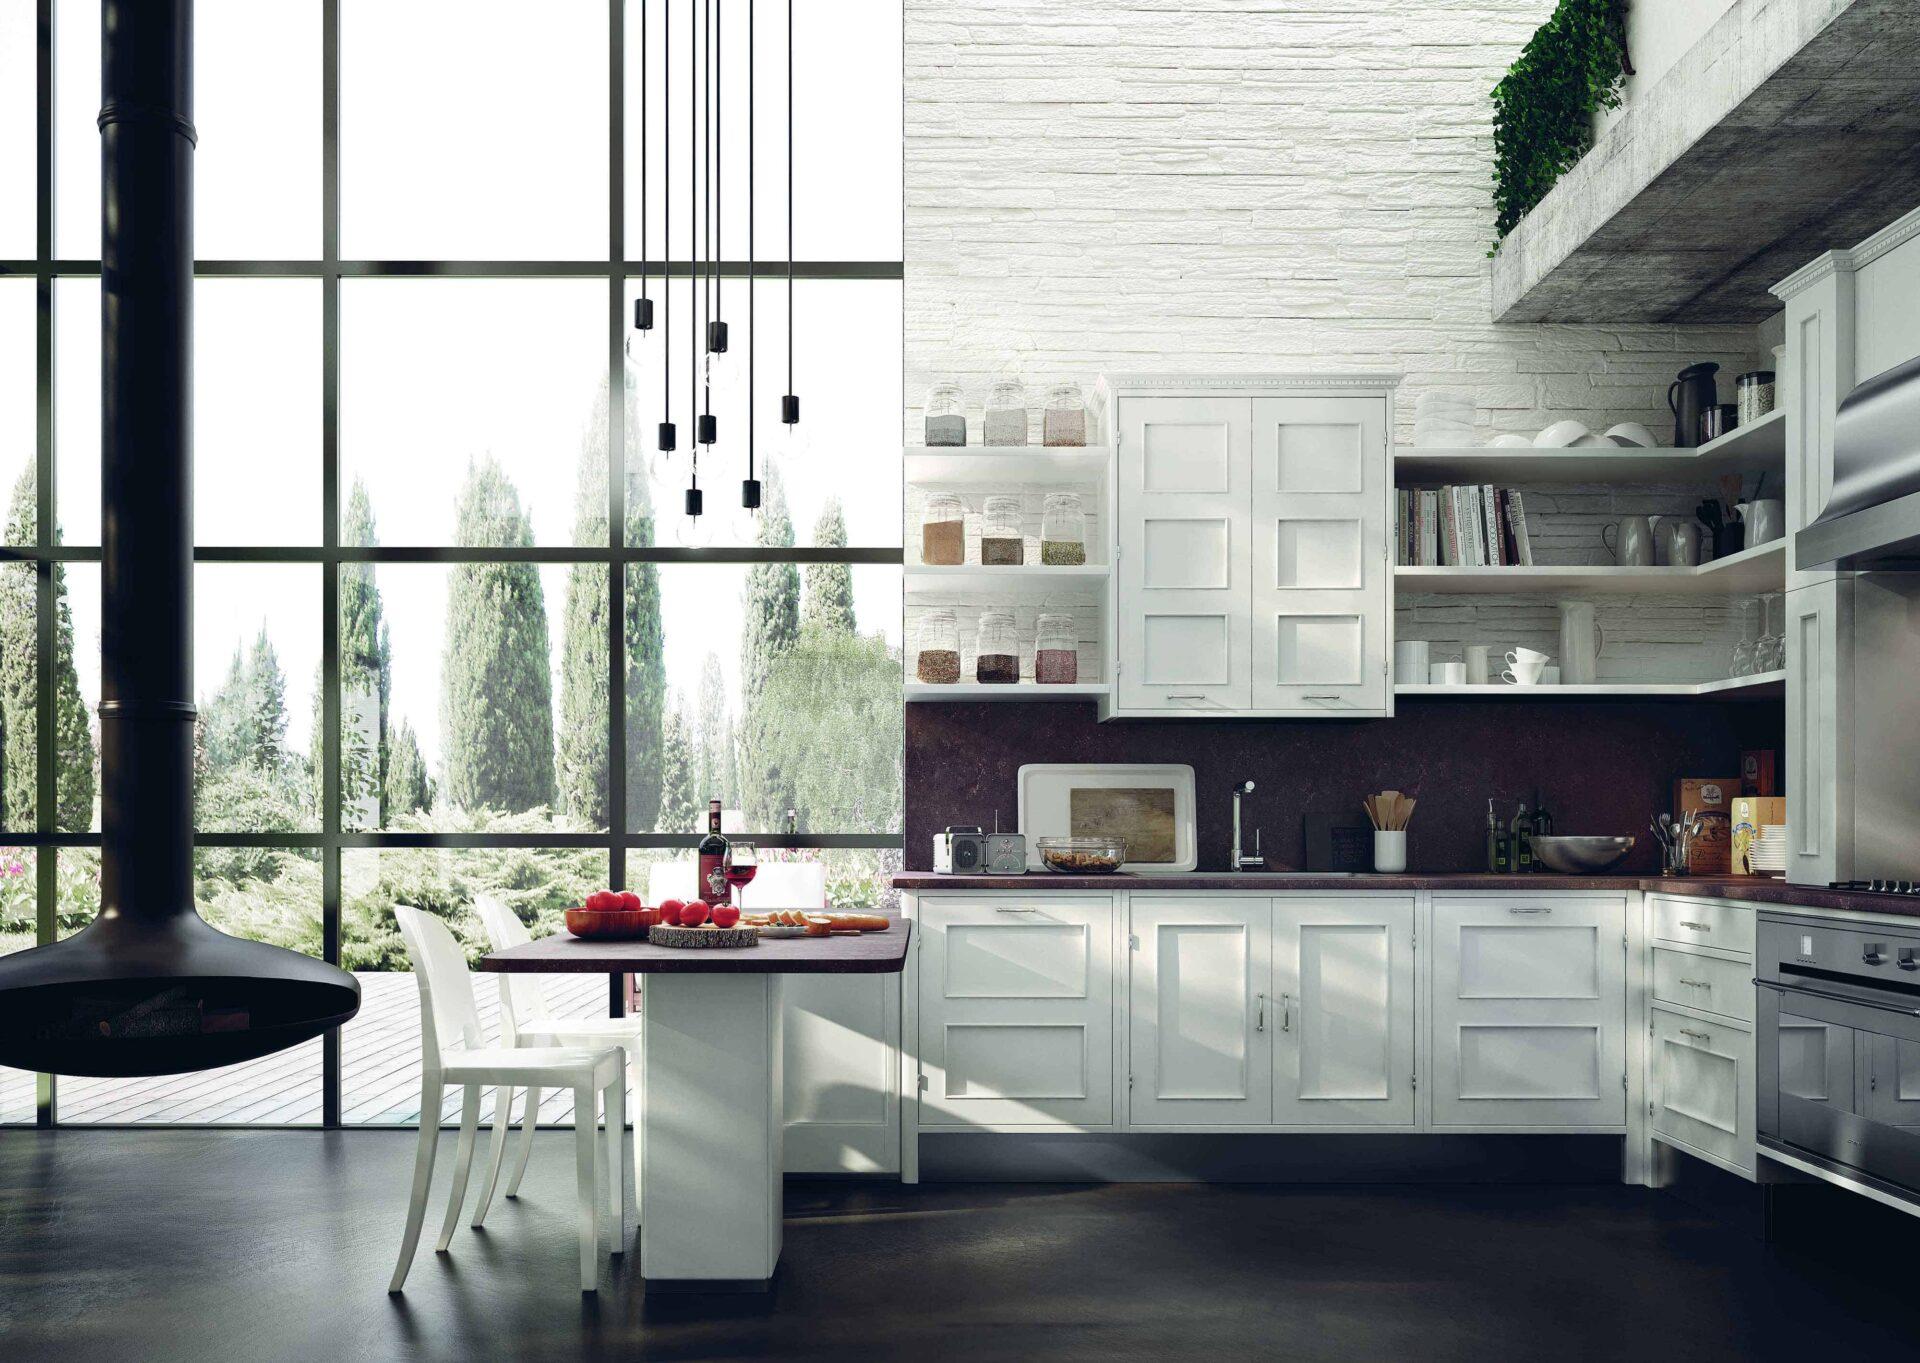 Cucina Montserrat di Marchi Cucine, mix di elegante design contemporaneo e linee tradizionali